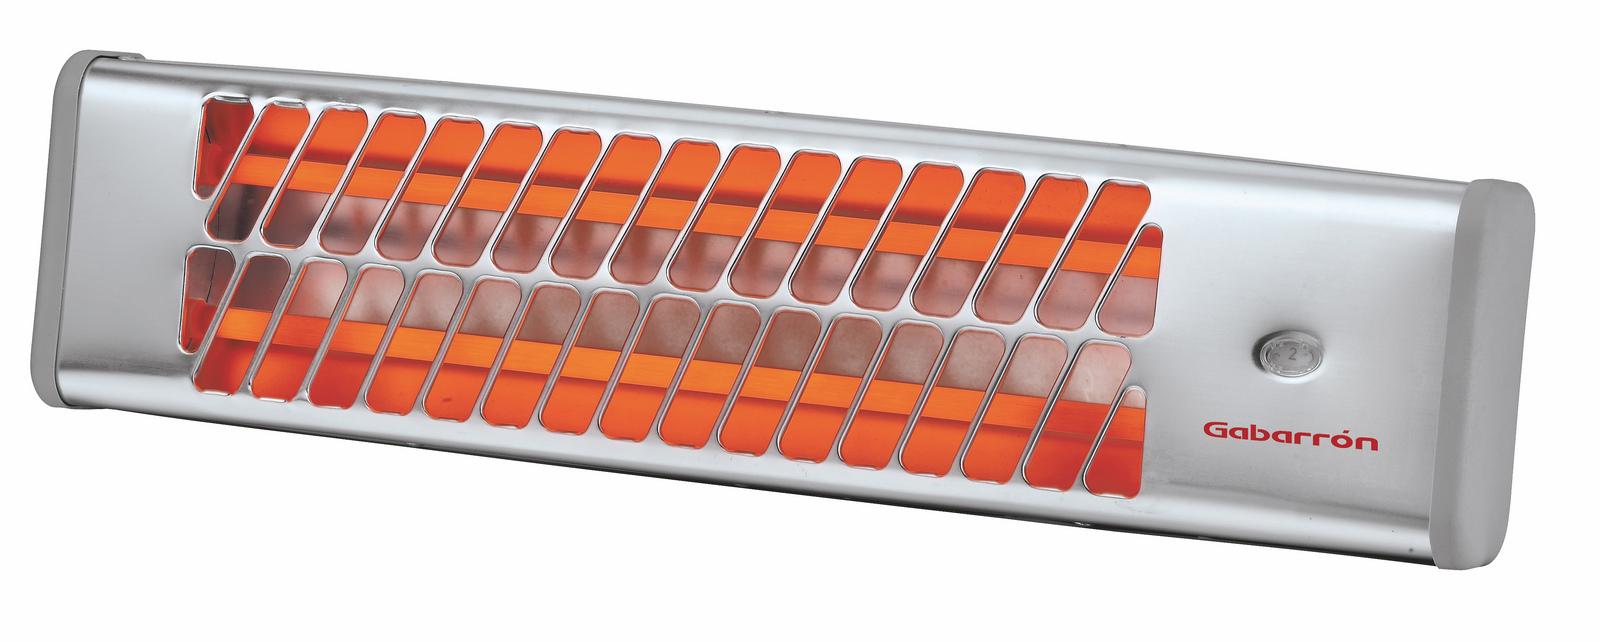 Gabarrón IC - 1200 nástěnný infračervený zářič